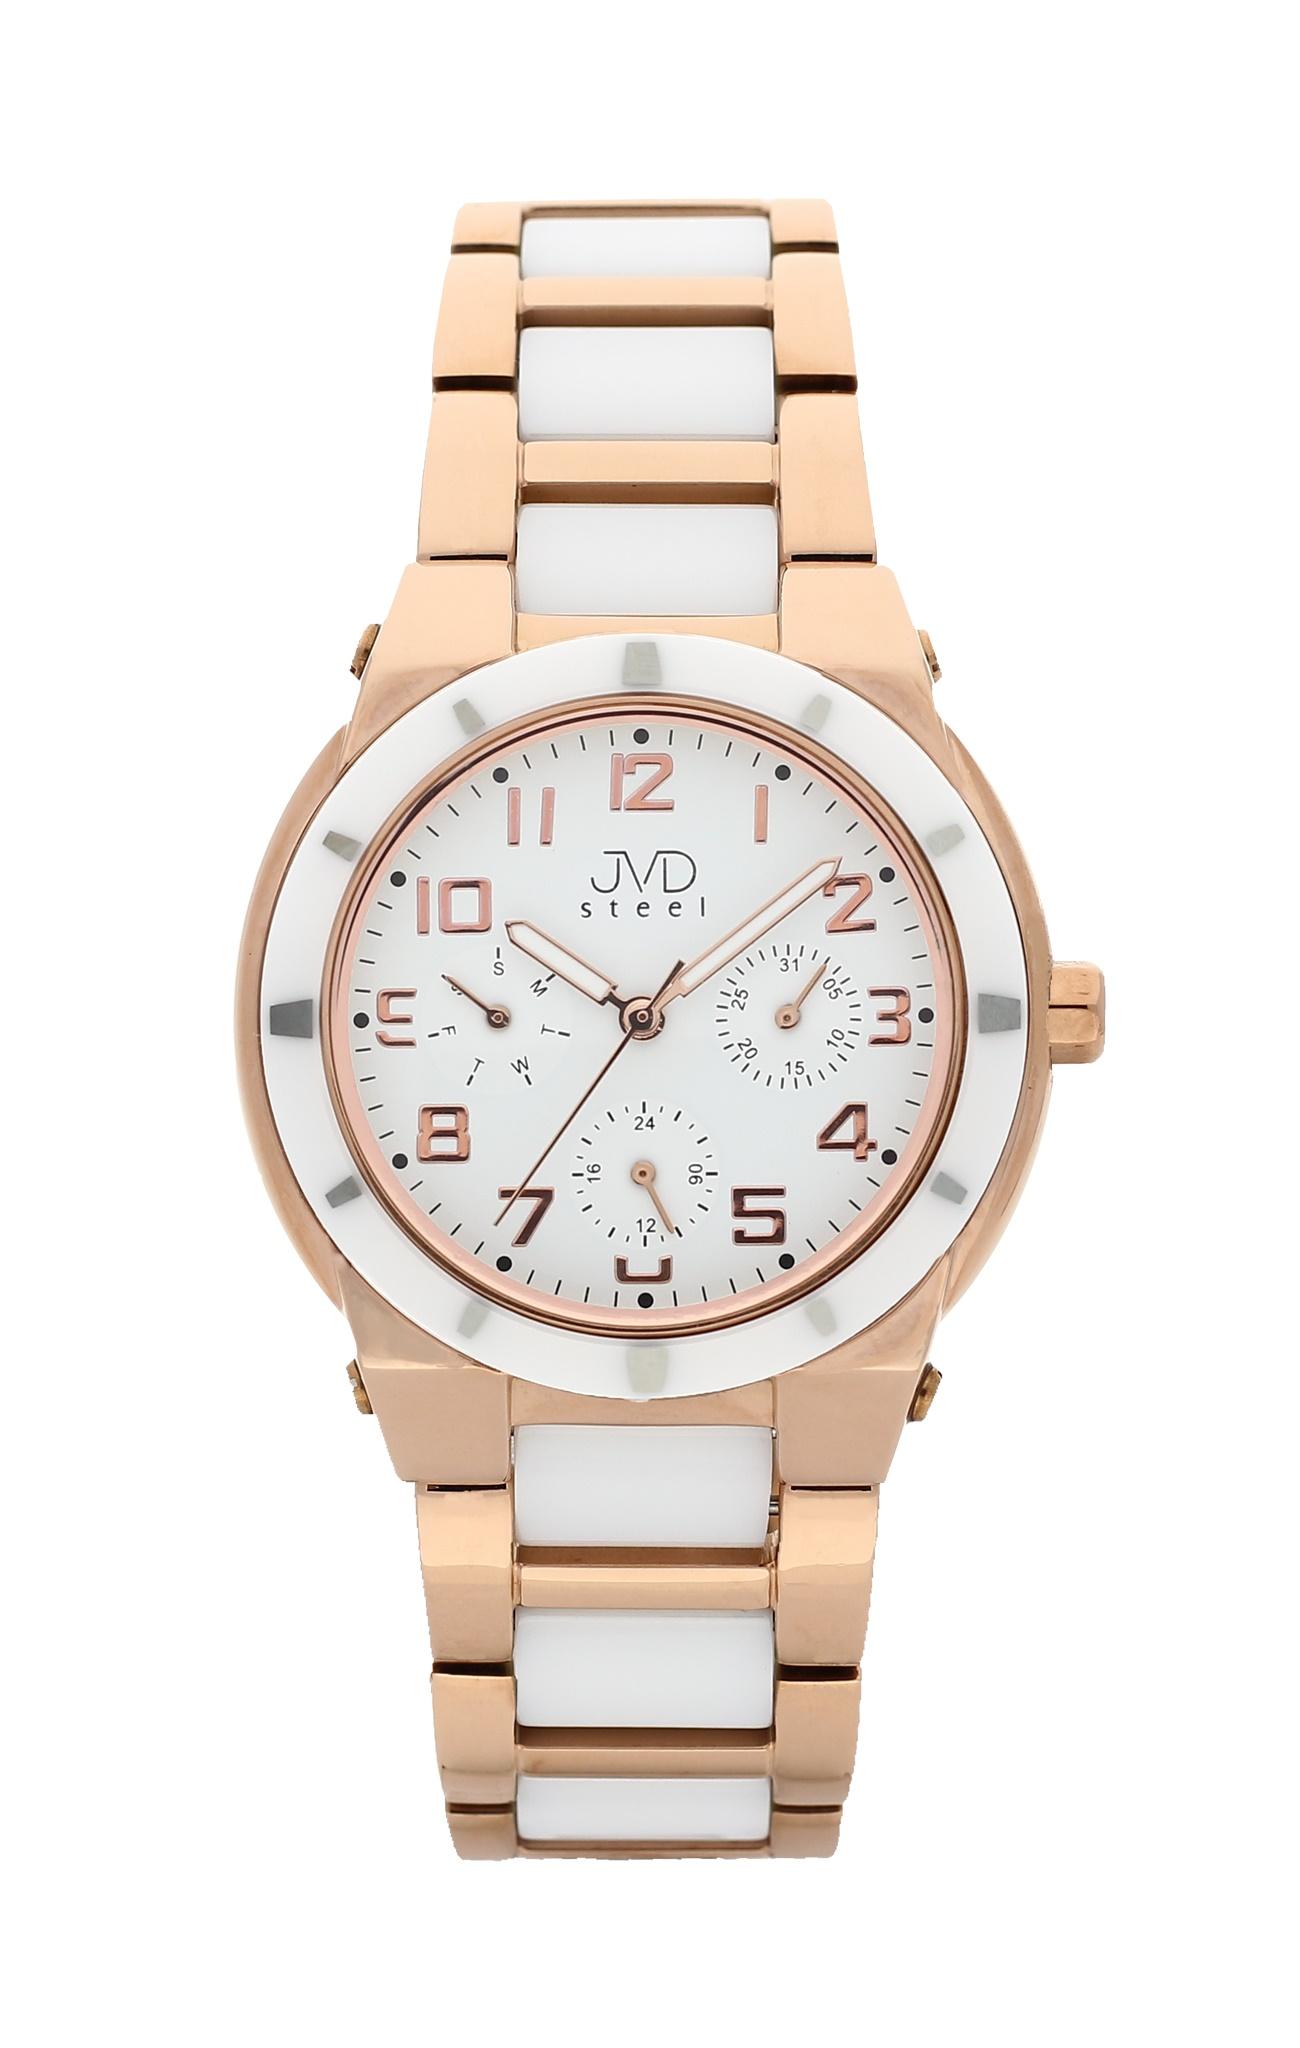 Dámský chronograf - keramické hodinky JVD steel J4131.2 s keramickou lunetou